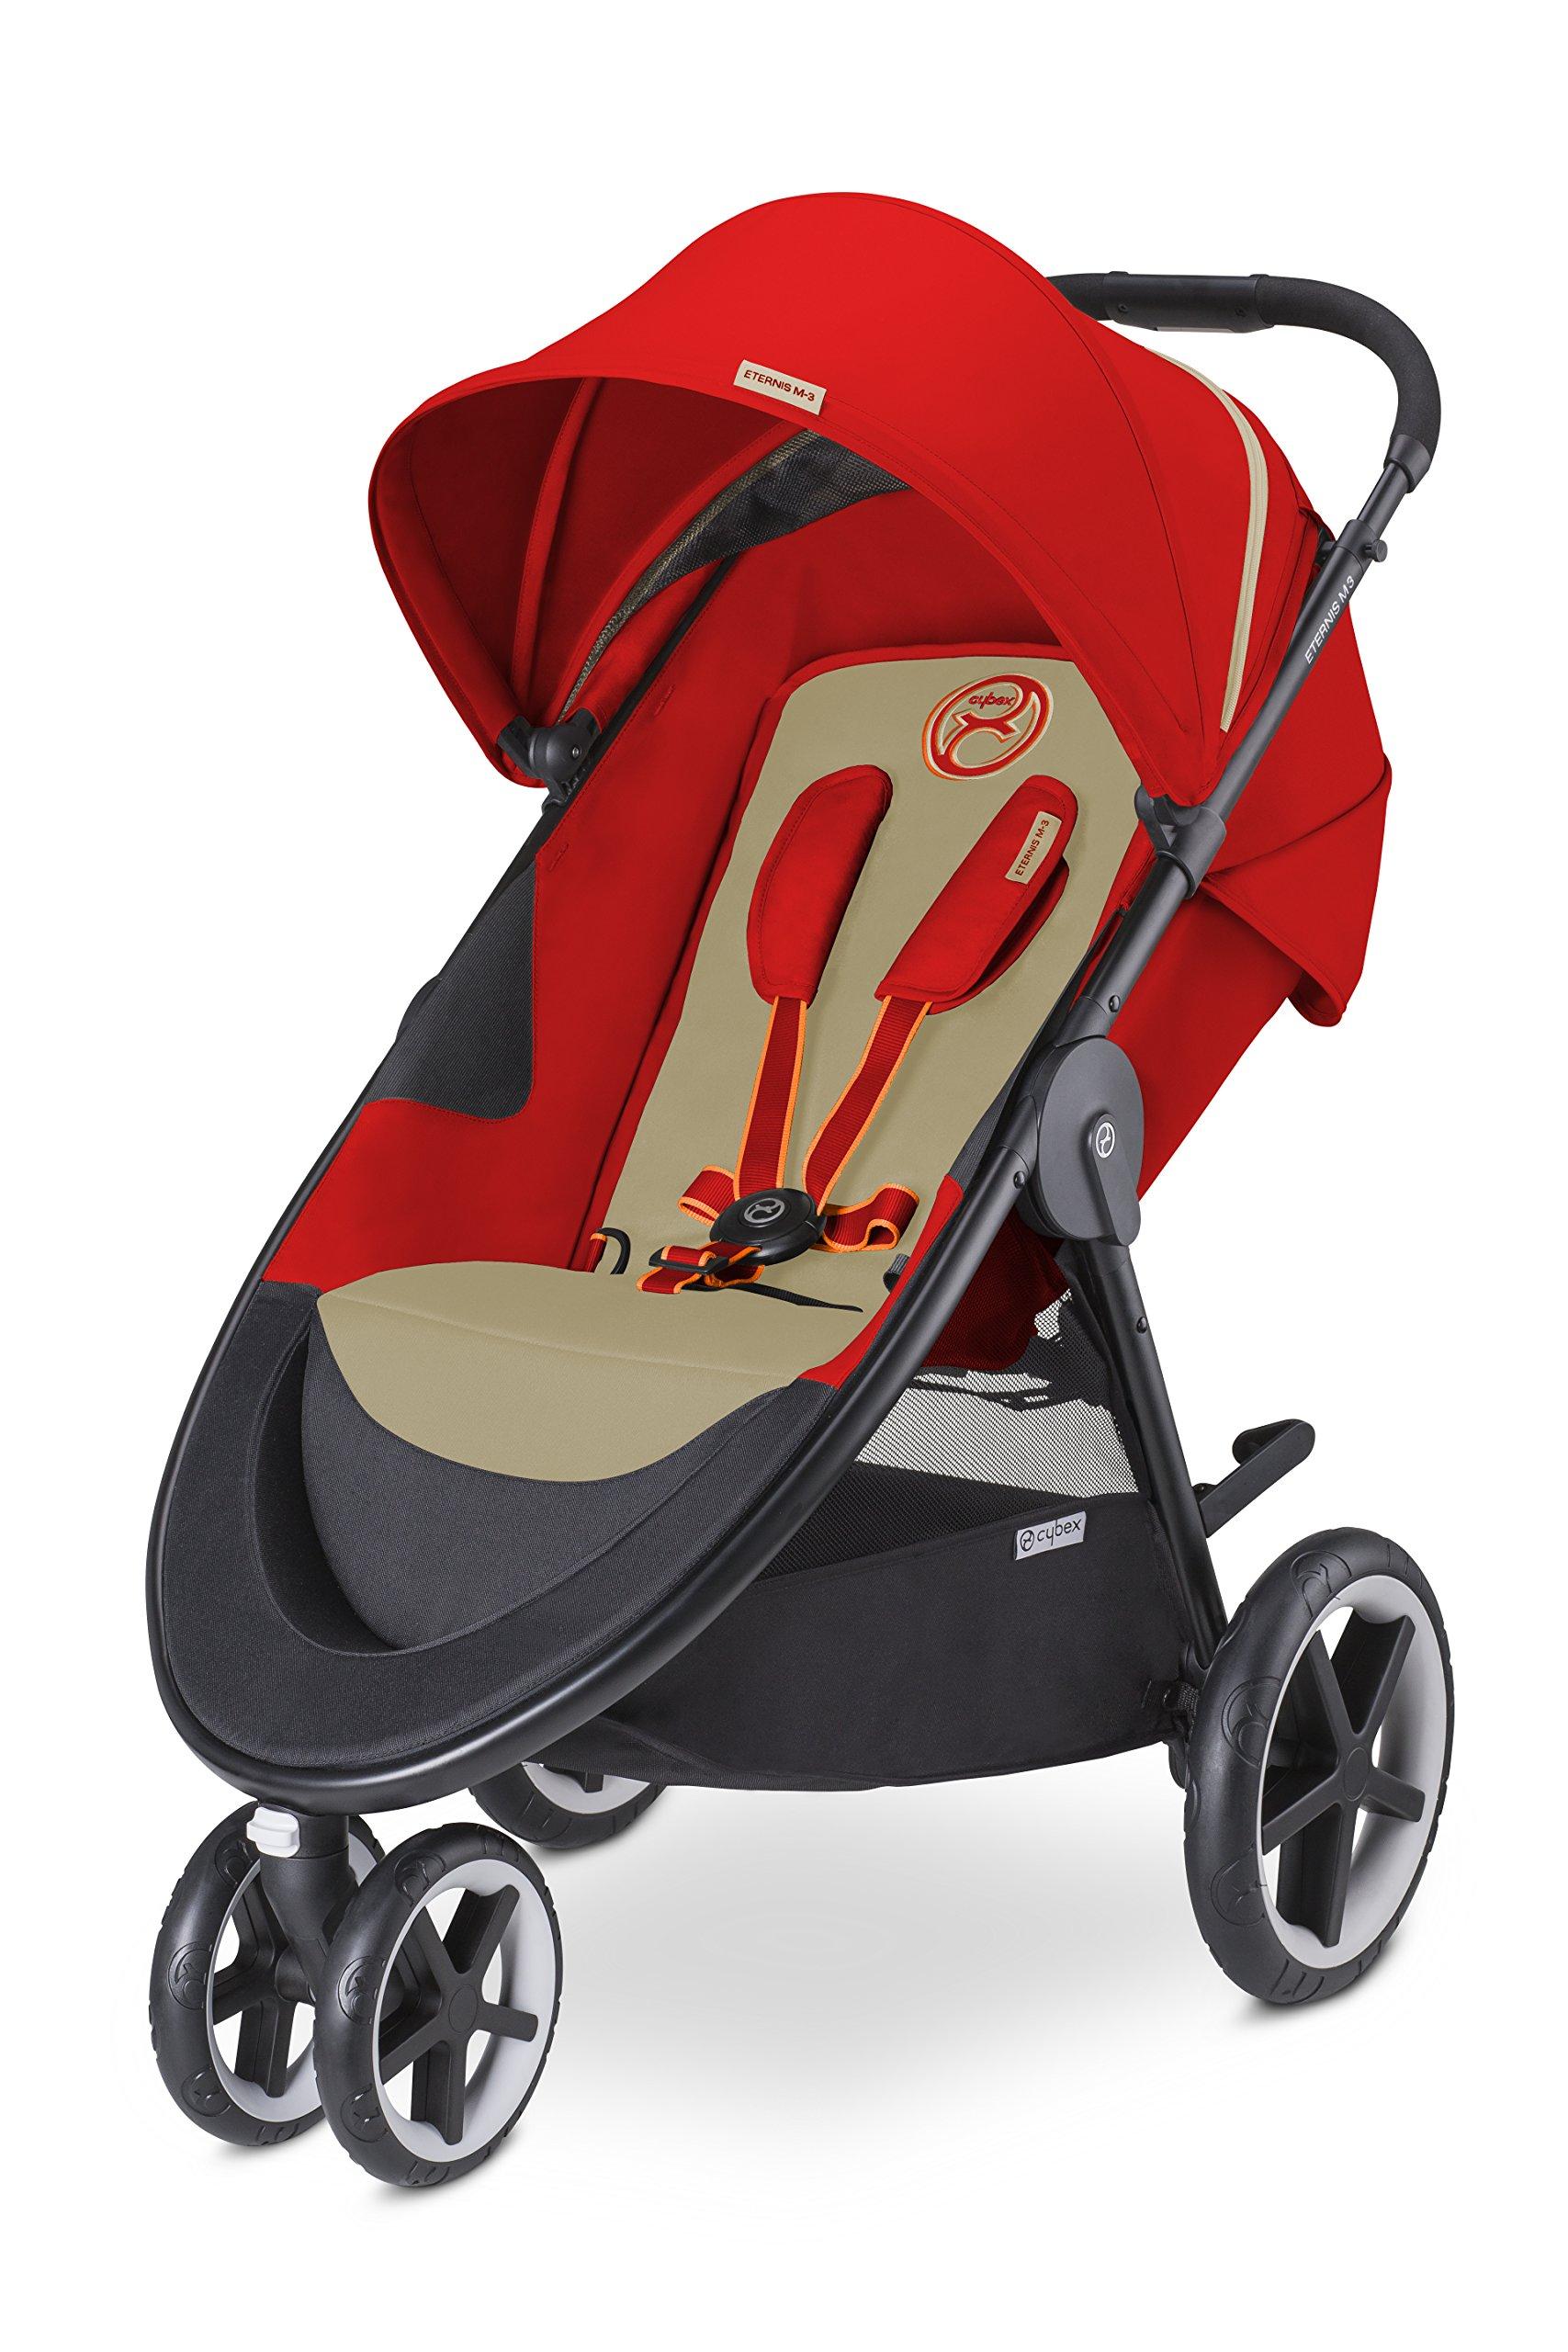 CYBEX Eternis M3 Baby Stroller, Autumn Gold